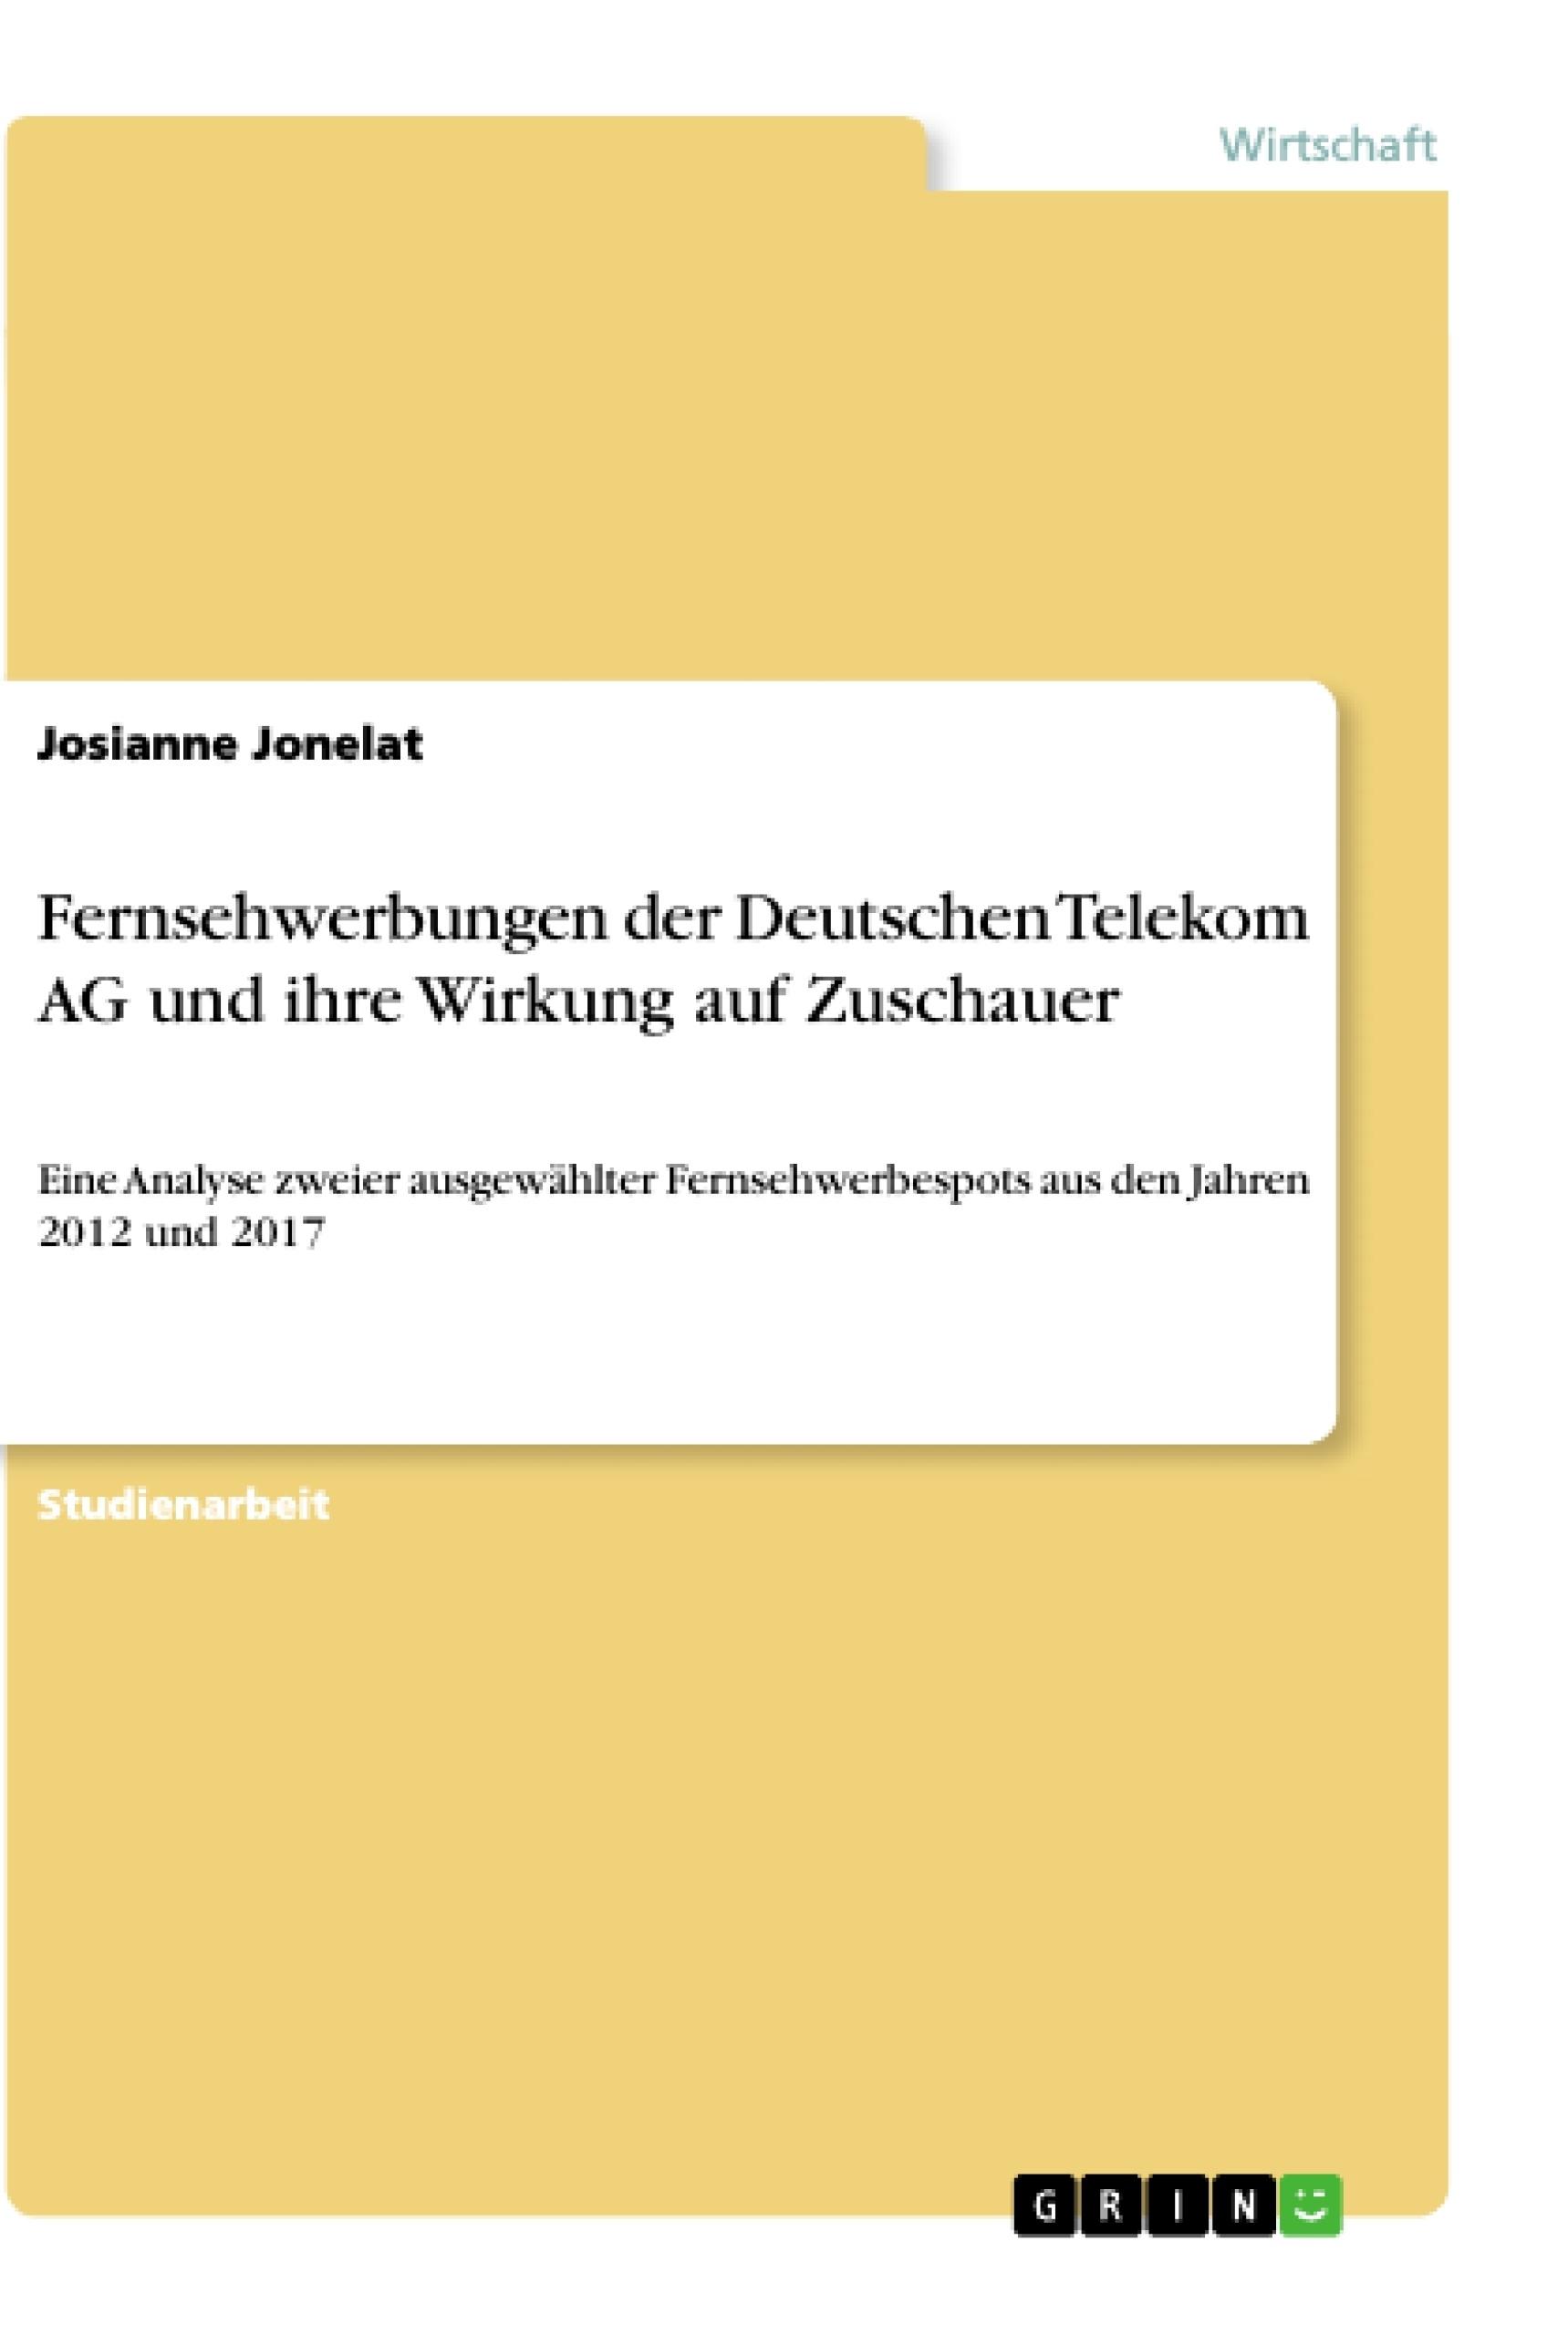 Titel: Fernsehwerbungen der Deutschen Telekom AG und ihre Wirkung auf Zuschauer